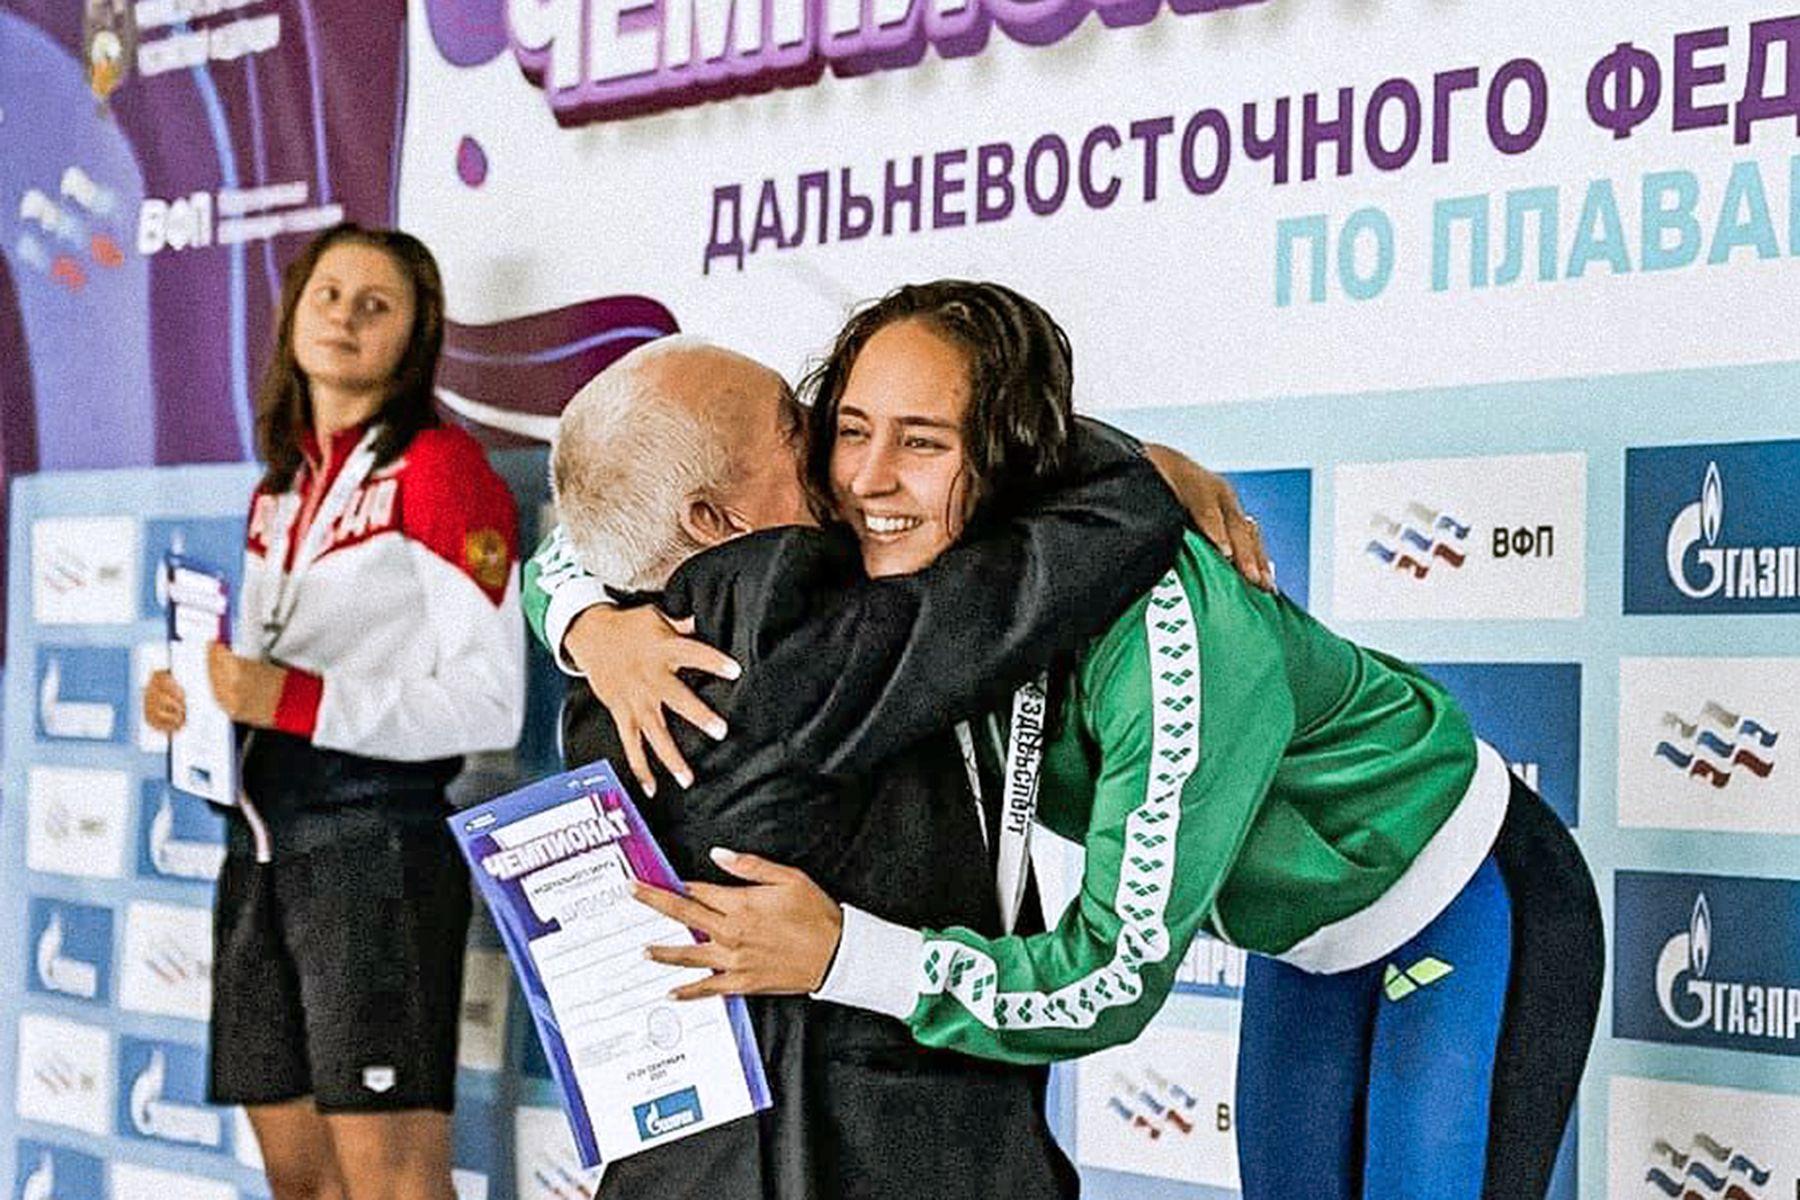 Студентка ВГУЭС Валерия Хайрулина — в ТОП-10 лучших спортсменов России по плаванию